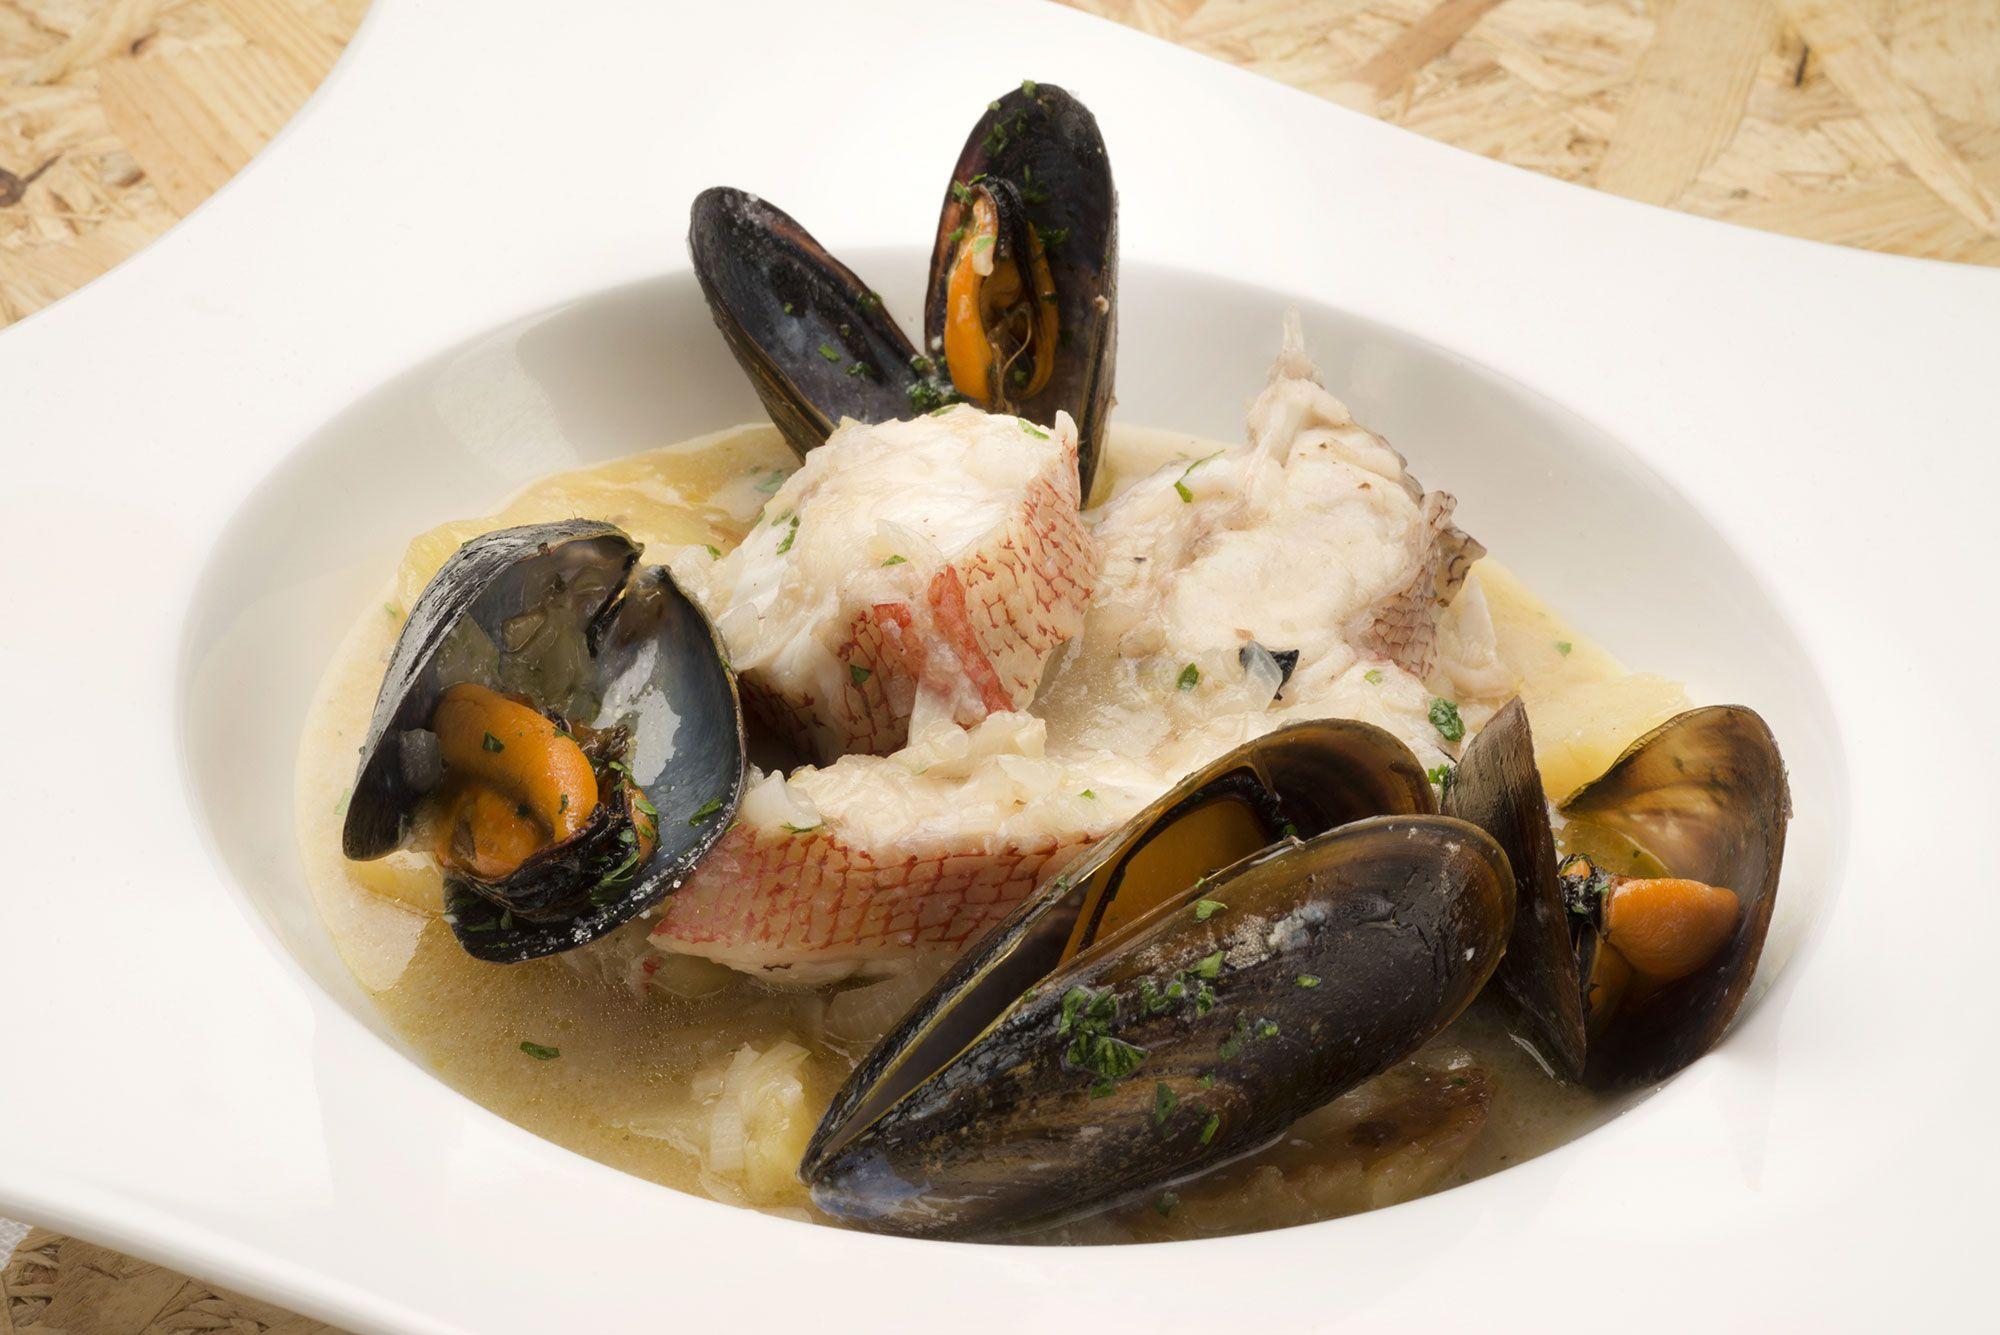 https://www.hogarmania.com/cocina/recetas/pescados-mariscos/201801/itsaskabra-patatas-mejillones-38806.html